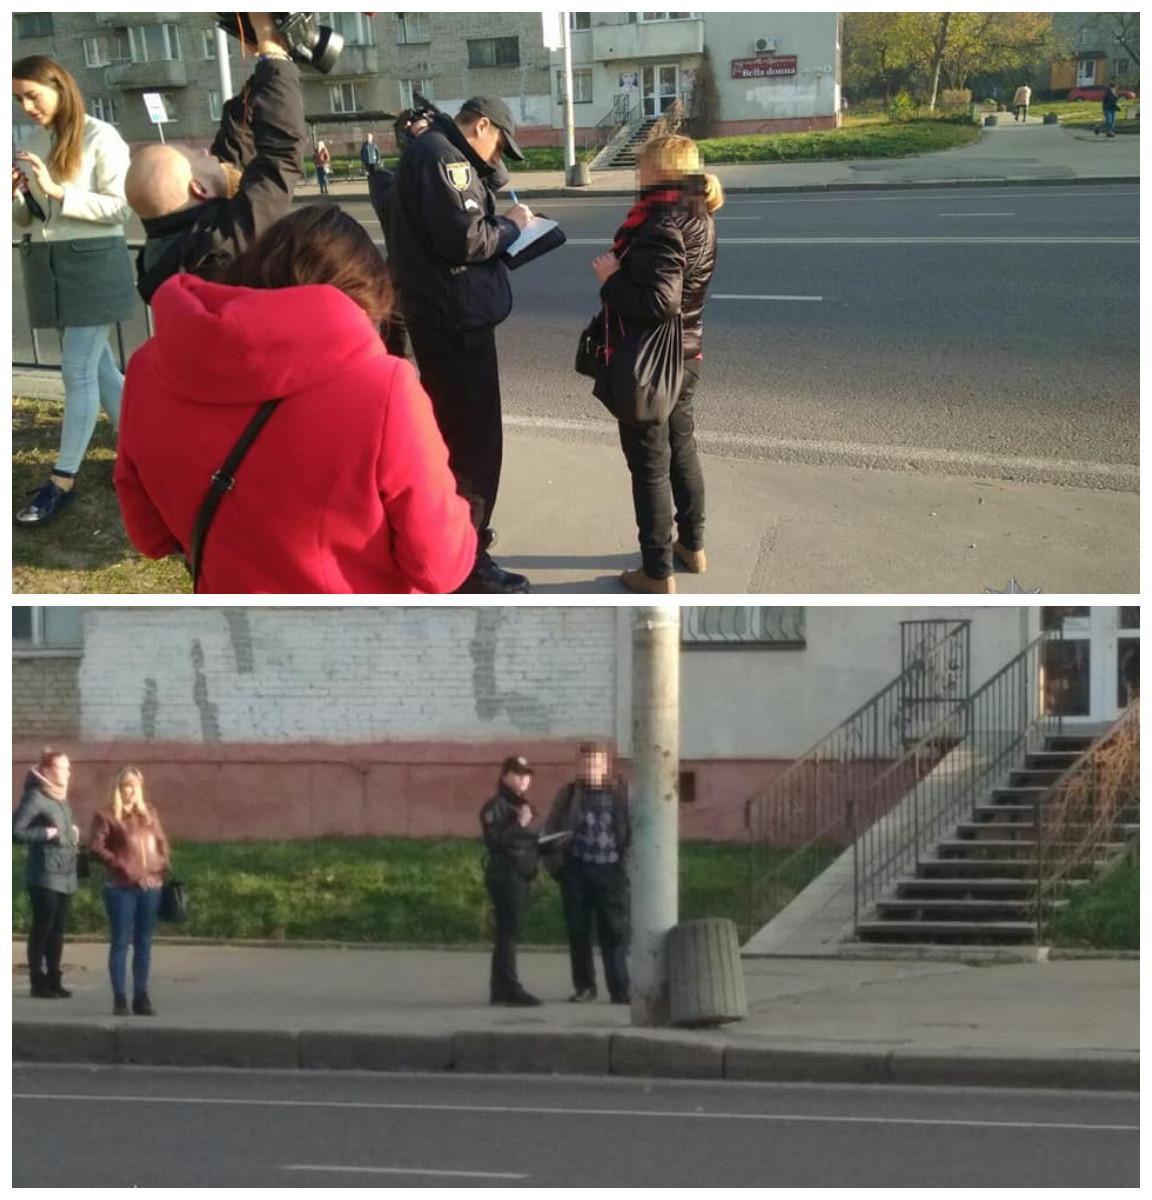 Патрульные объяснили пешеходам их права и обязанности, как полноценным участникам дорожного движения